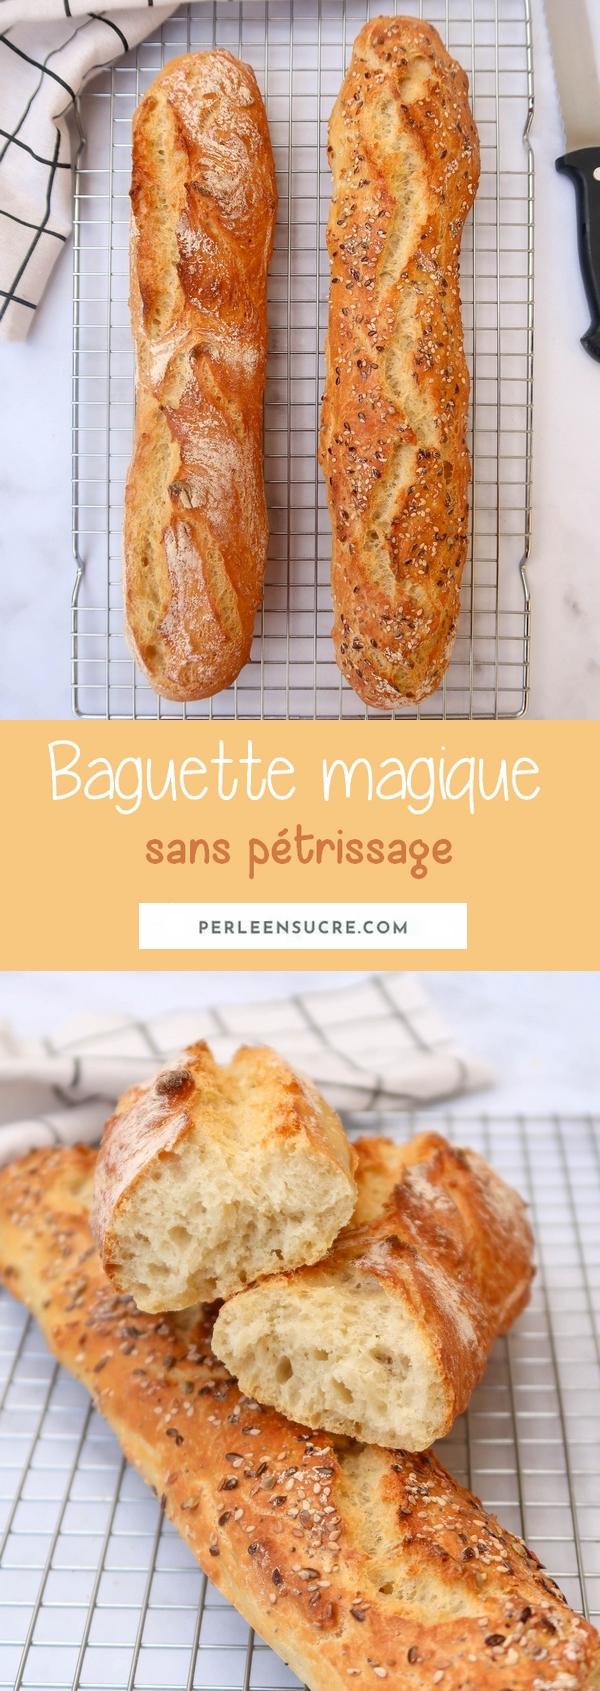 Baguette magique sans pétrissage